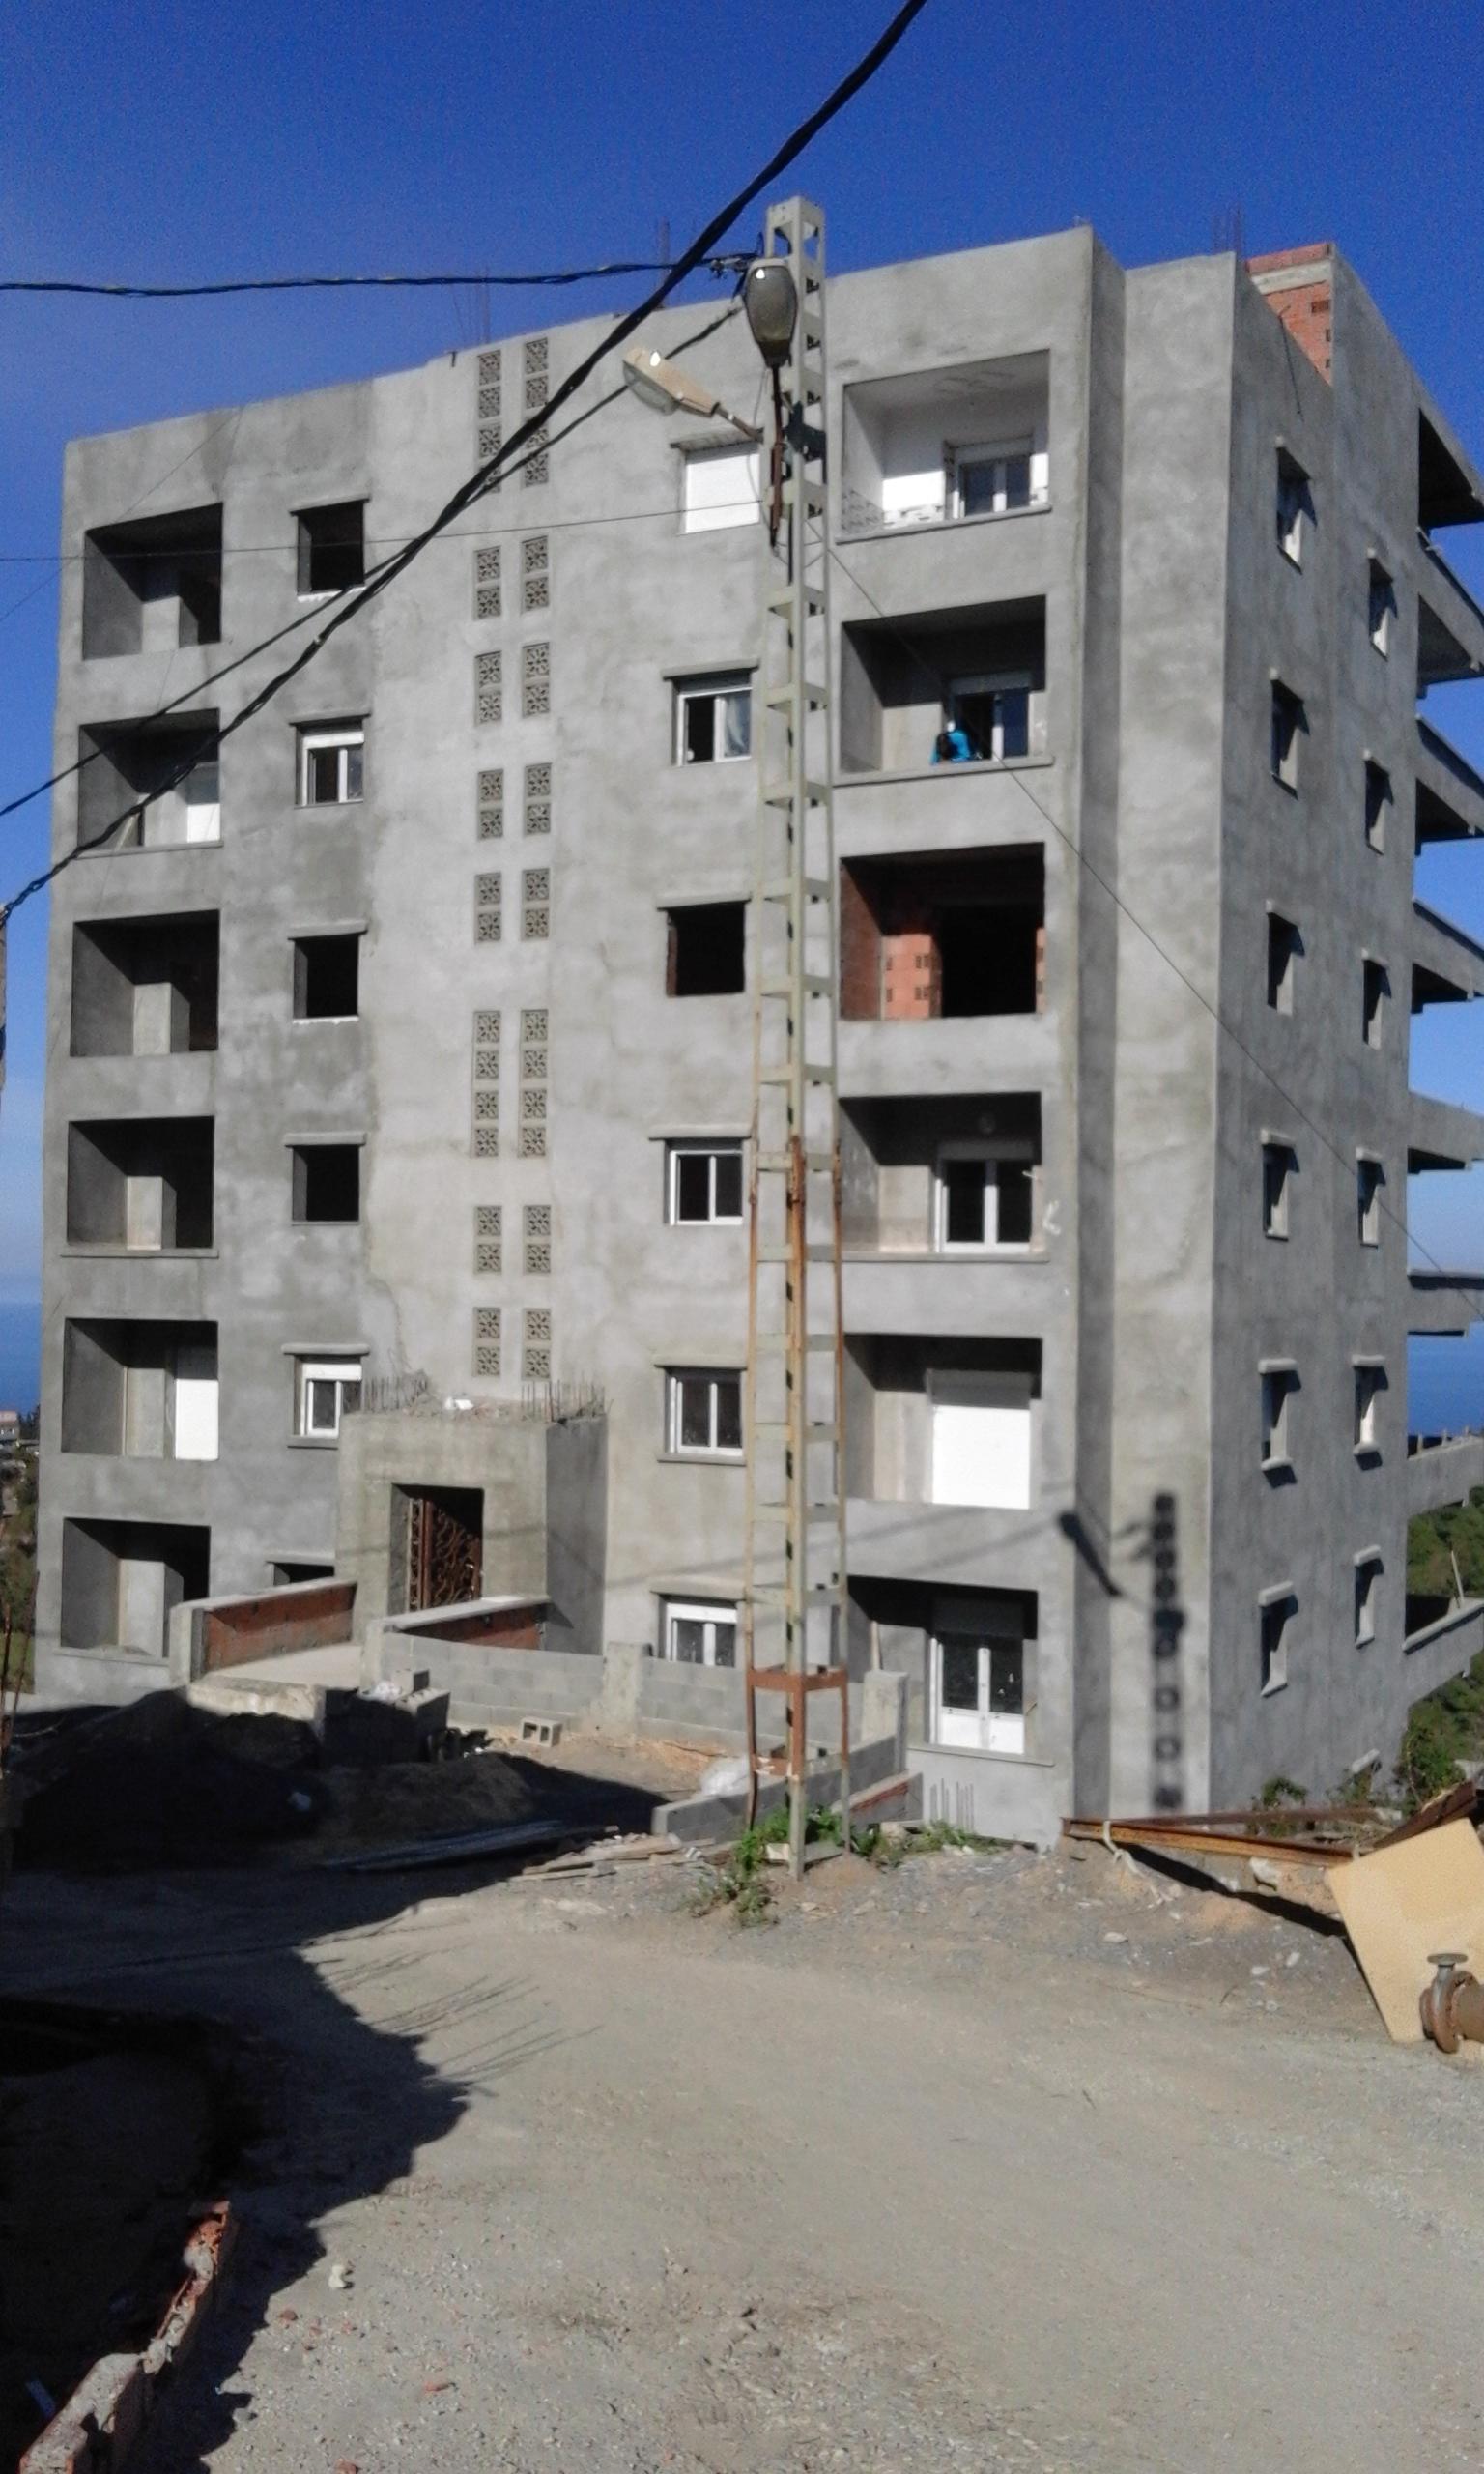 Vente des appartements Bouzareah un immeuble de 10 étage avec ascenseur avec deux entrées bien situés résidence clôturée vue sur mer